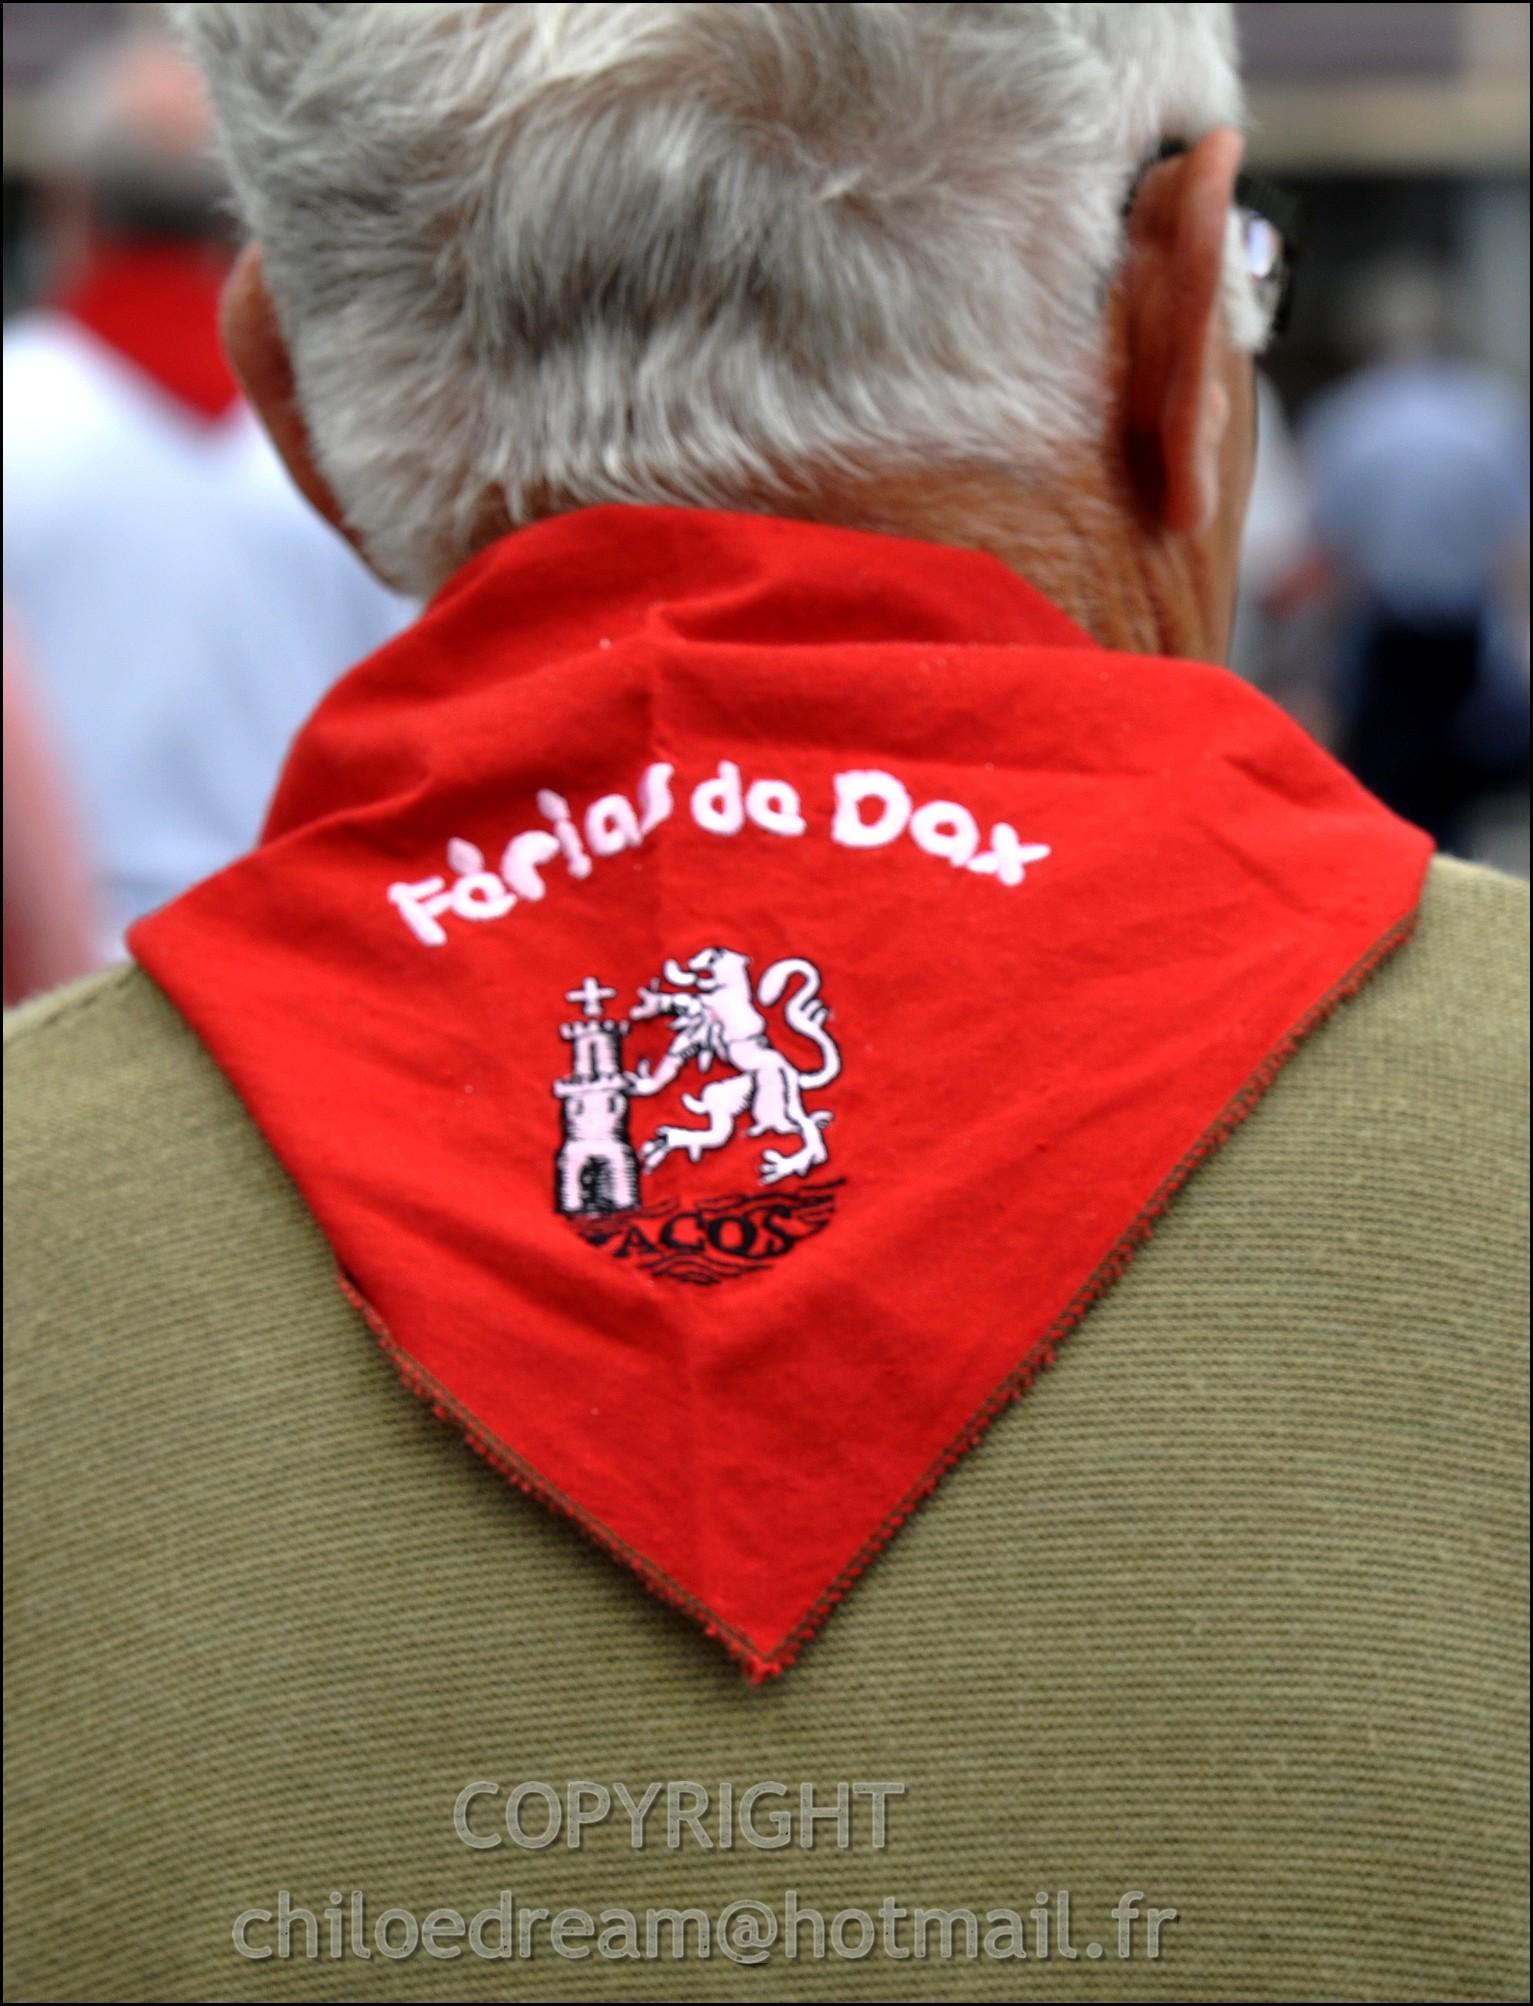 Voyage Pays Basque - Dax ; Corrida à cheval en rouge et blanc 11